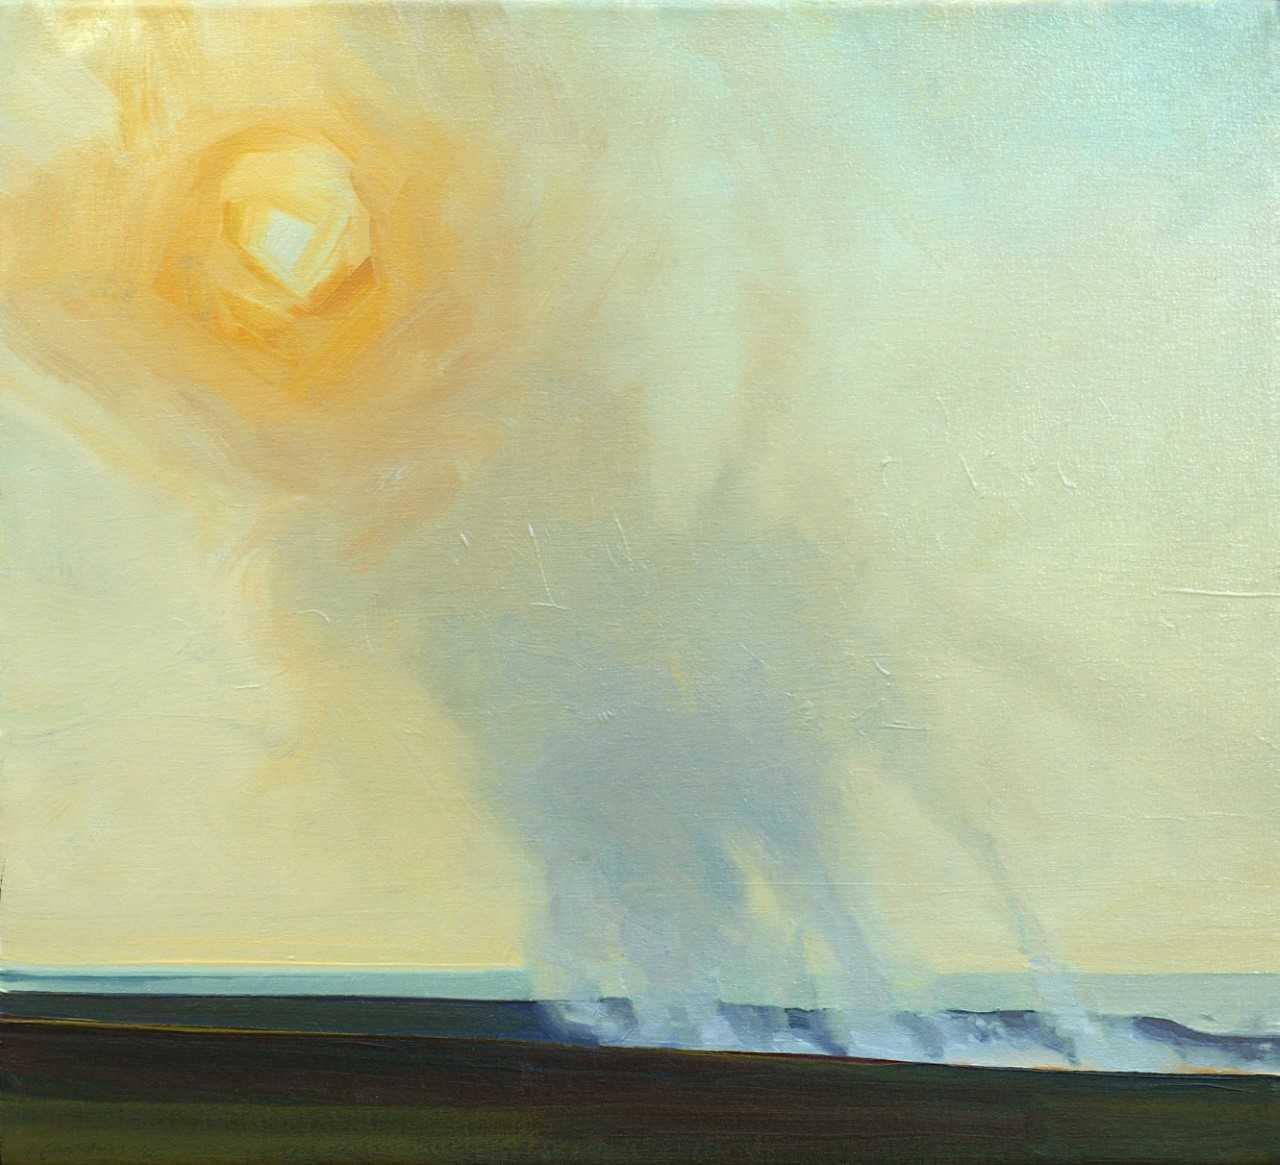 Smoke and Sun by Lisa Grossman, 2012.